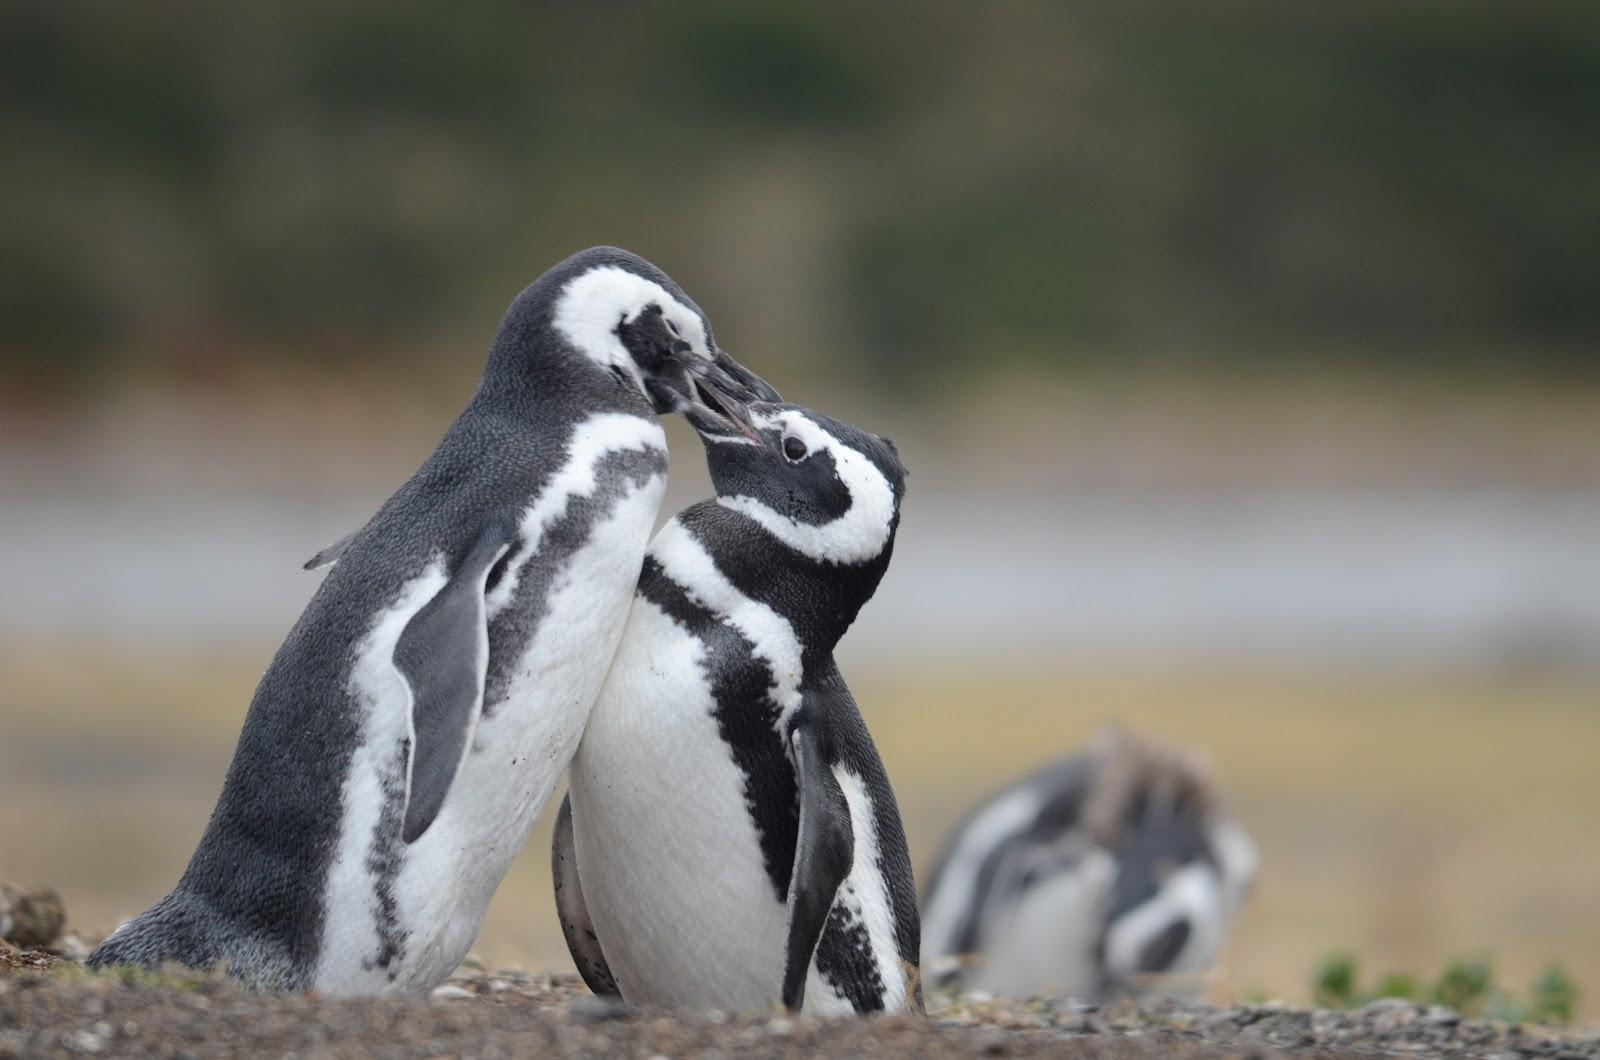 Cute magellanic penguin